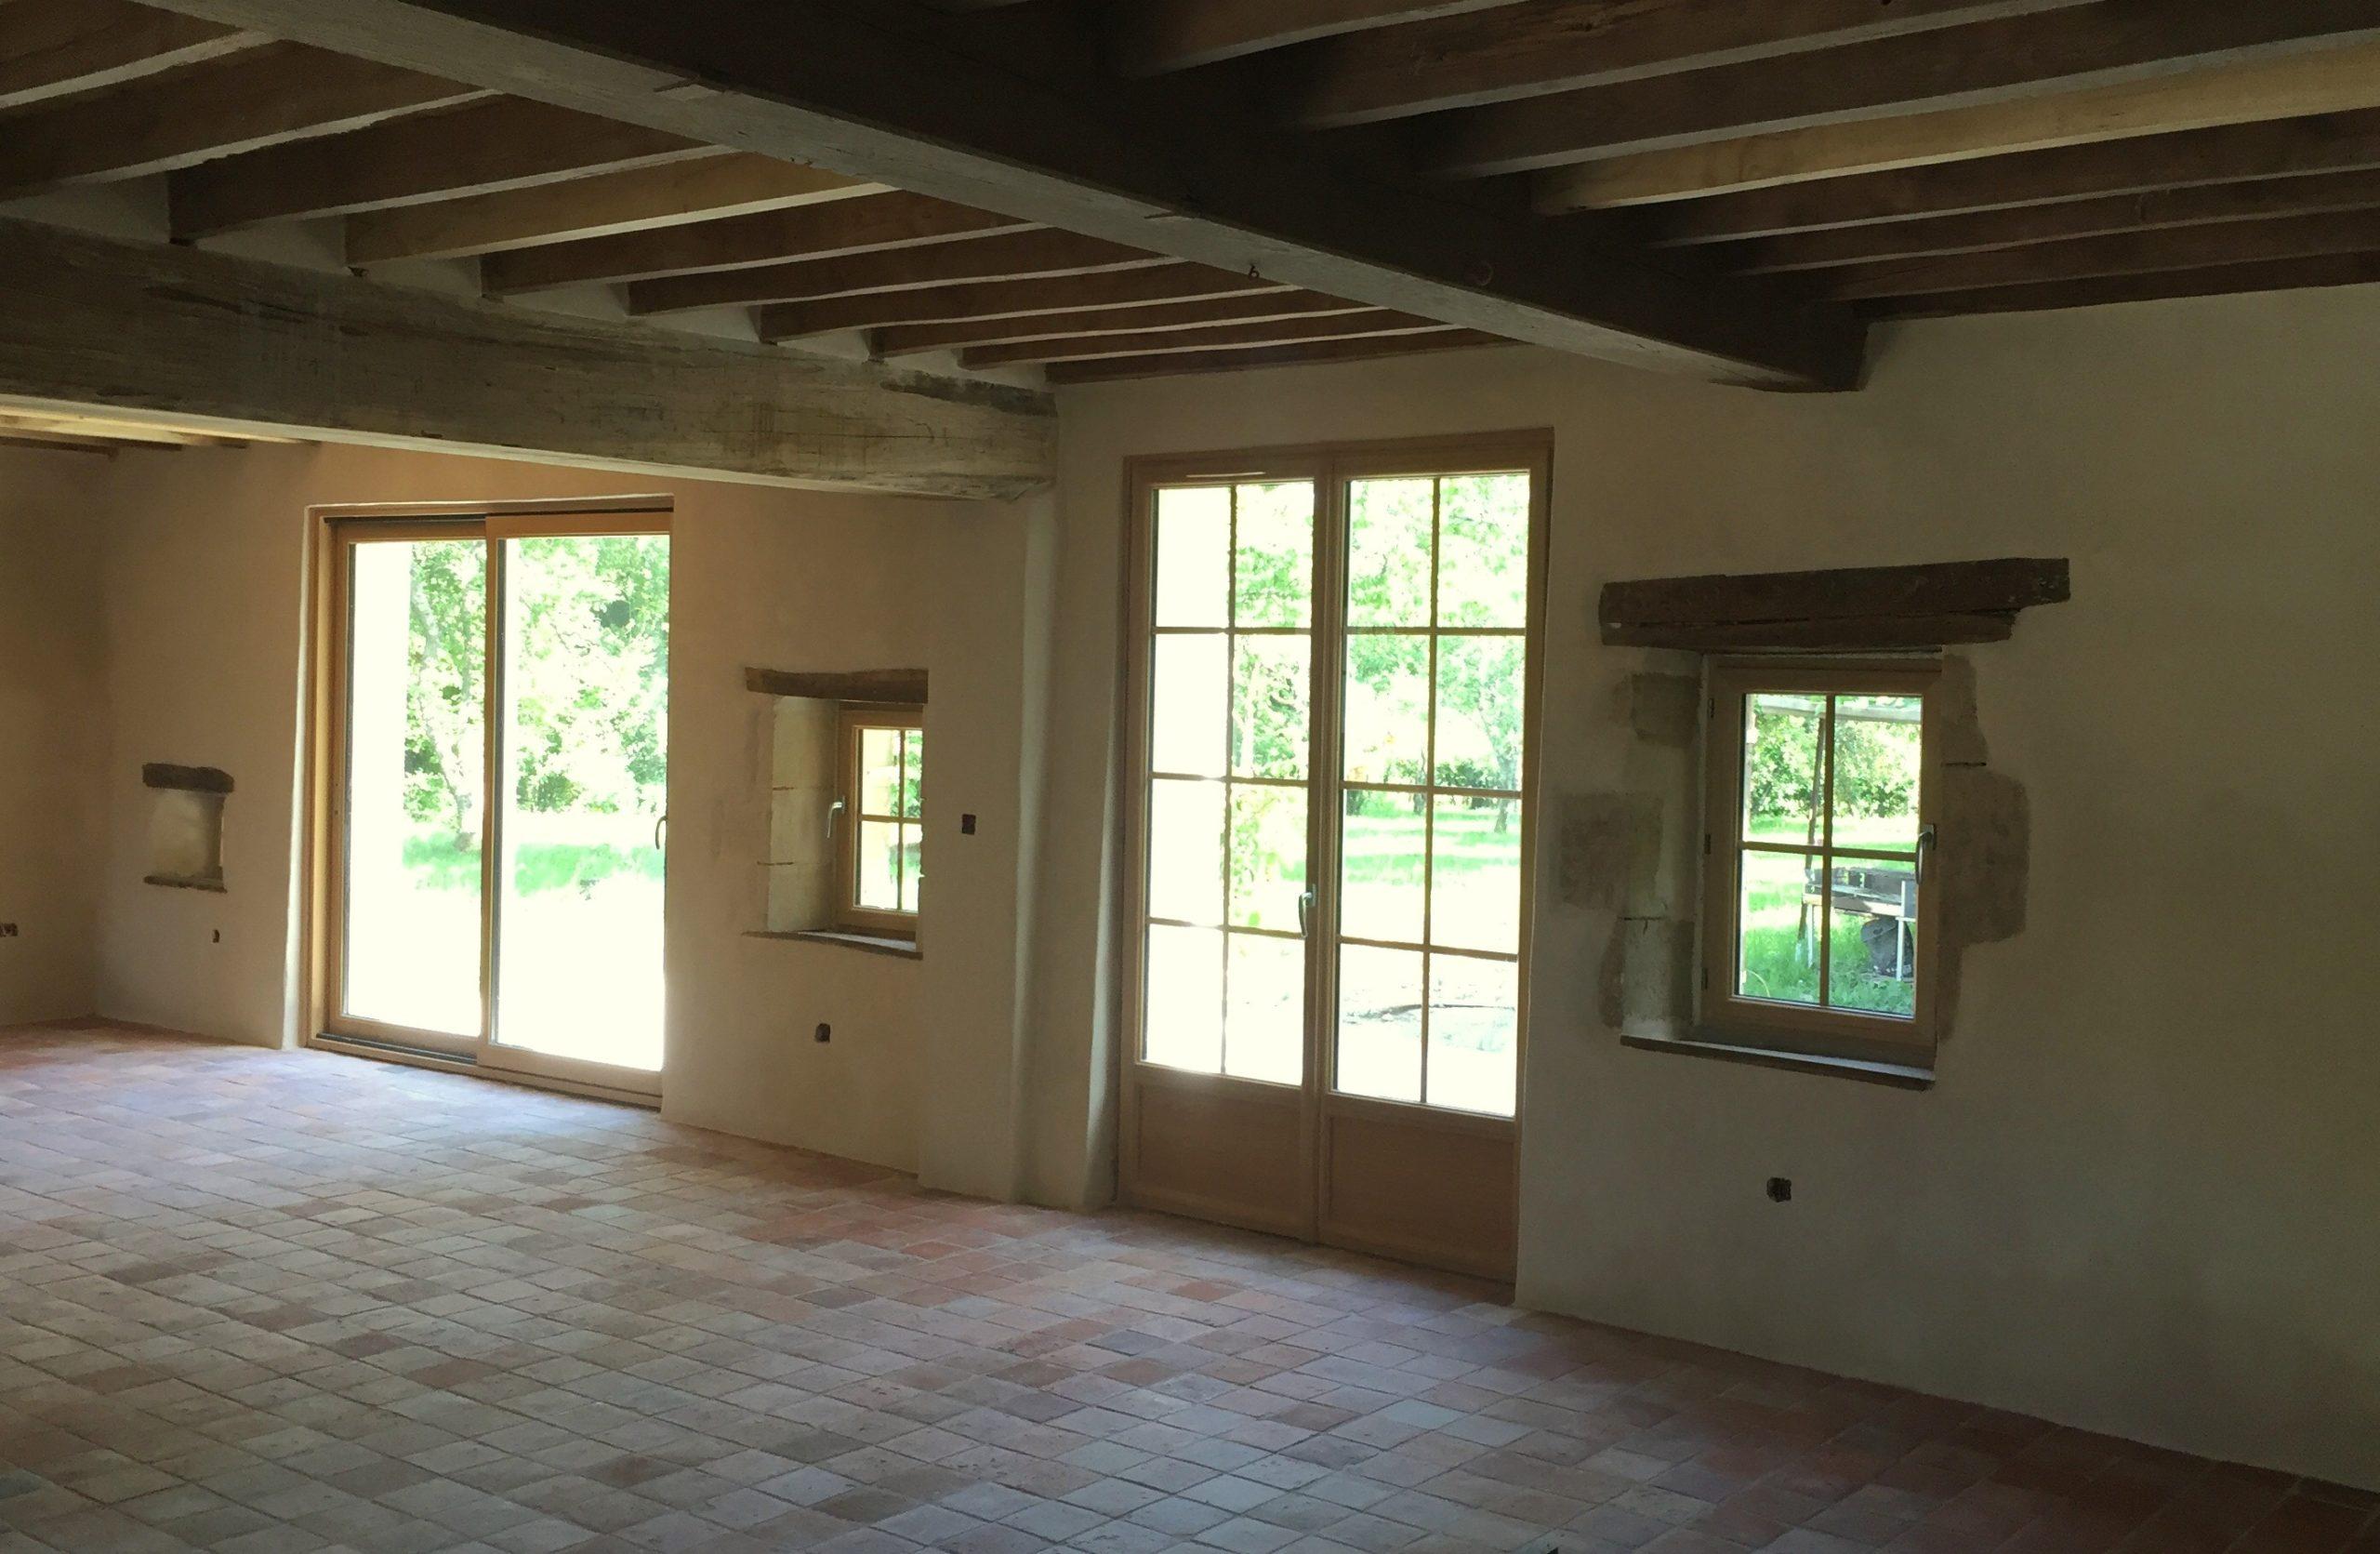 enduits à la chaux ; rénovation ancienne maison  ;rénovaton à la chaux ; enduits intérieurs à l'ancienne ; rénovation longère Puisaye